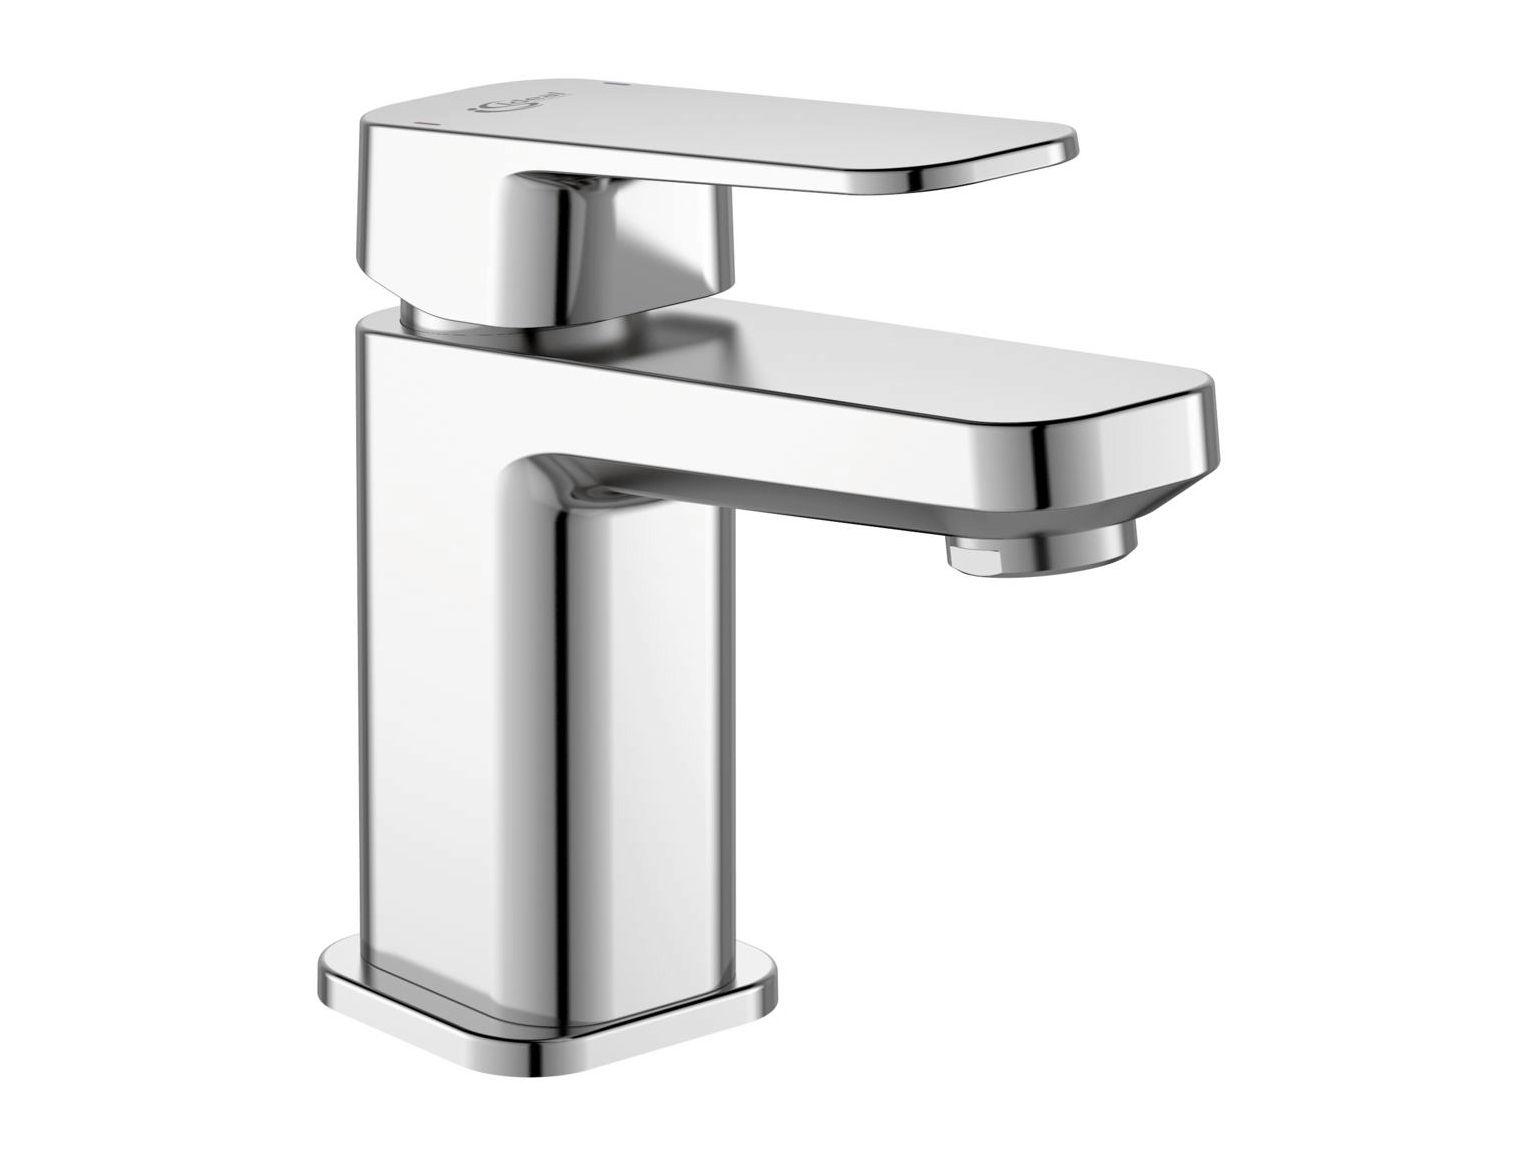 miscelatore per lavabo da piano monocomando tonic ii a6330 by ideal standard design artefakt industriekultur